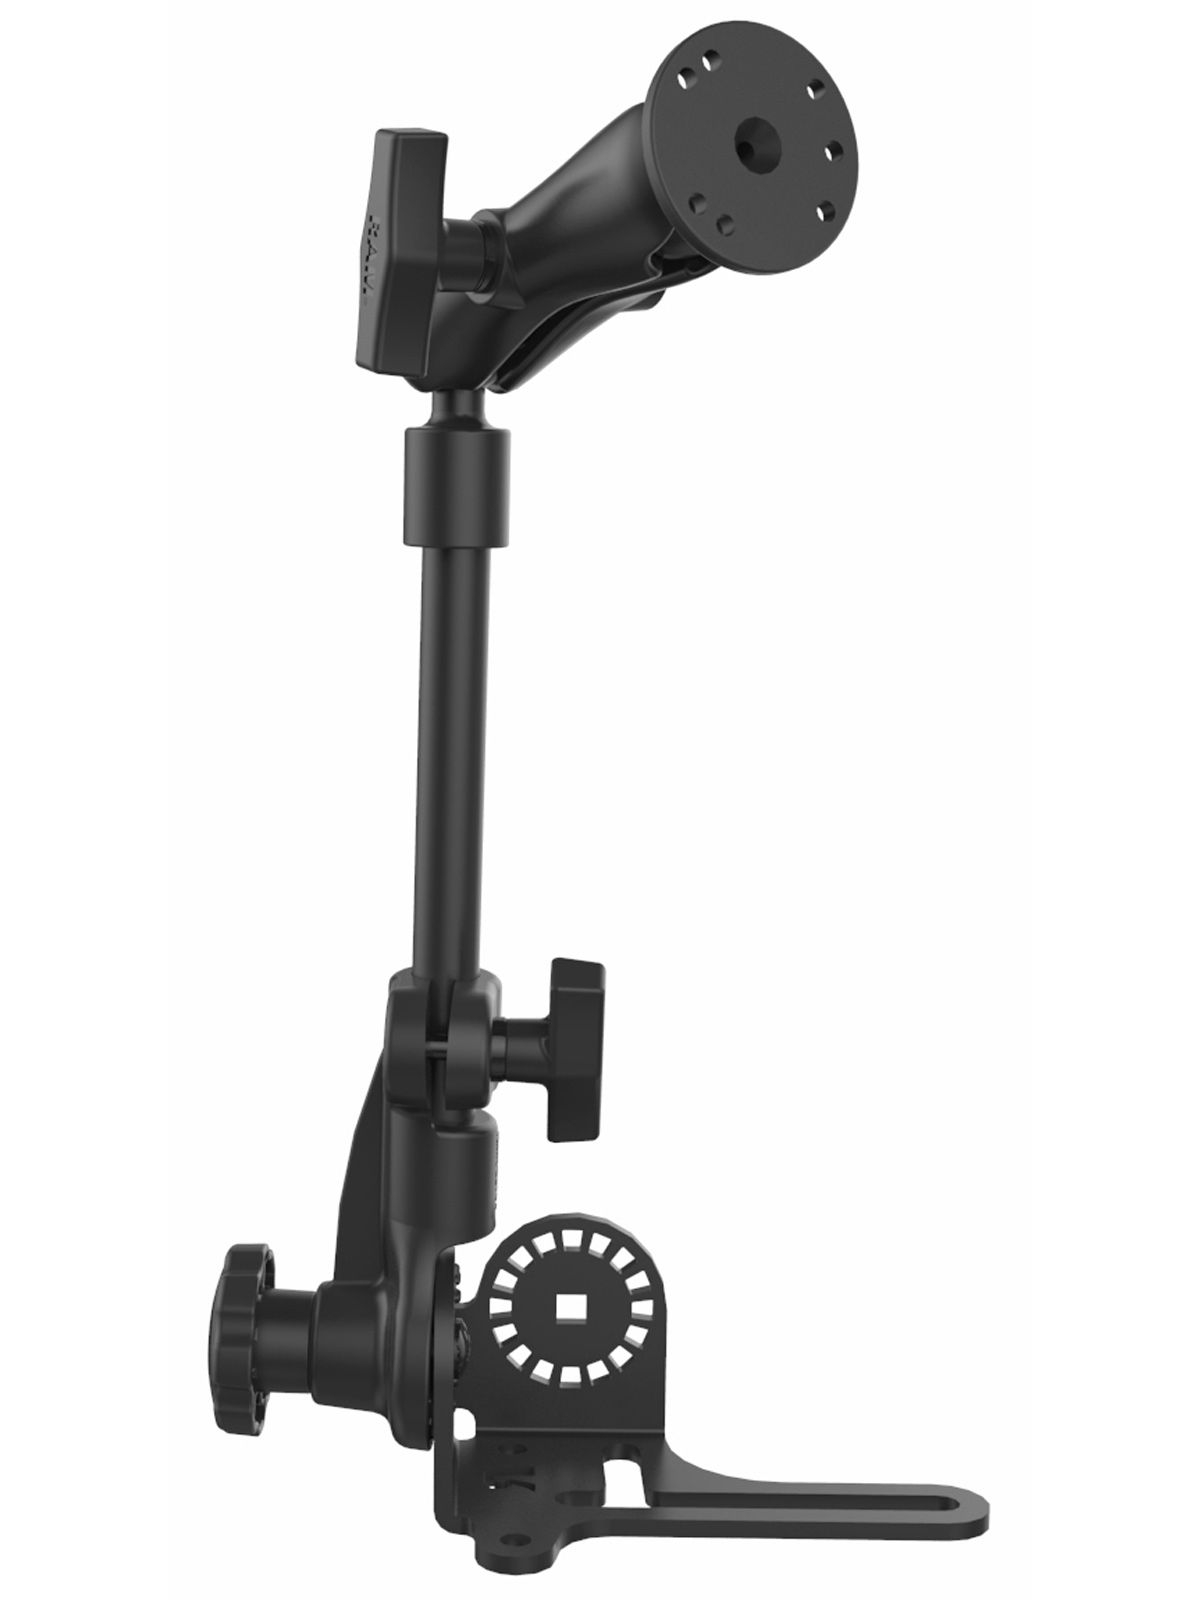 RAM Mounts Pod HD Universal Fahrzeughalterung mit AMPS-Anbindung - Ratchet-System (revers), max. 80 cm hoch, mittlerer Verbindungsarm, runde Basisplatte, C-Kugel (1,5 Zoll)